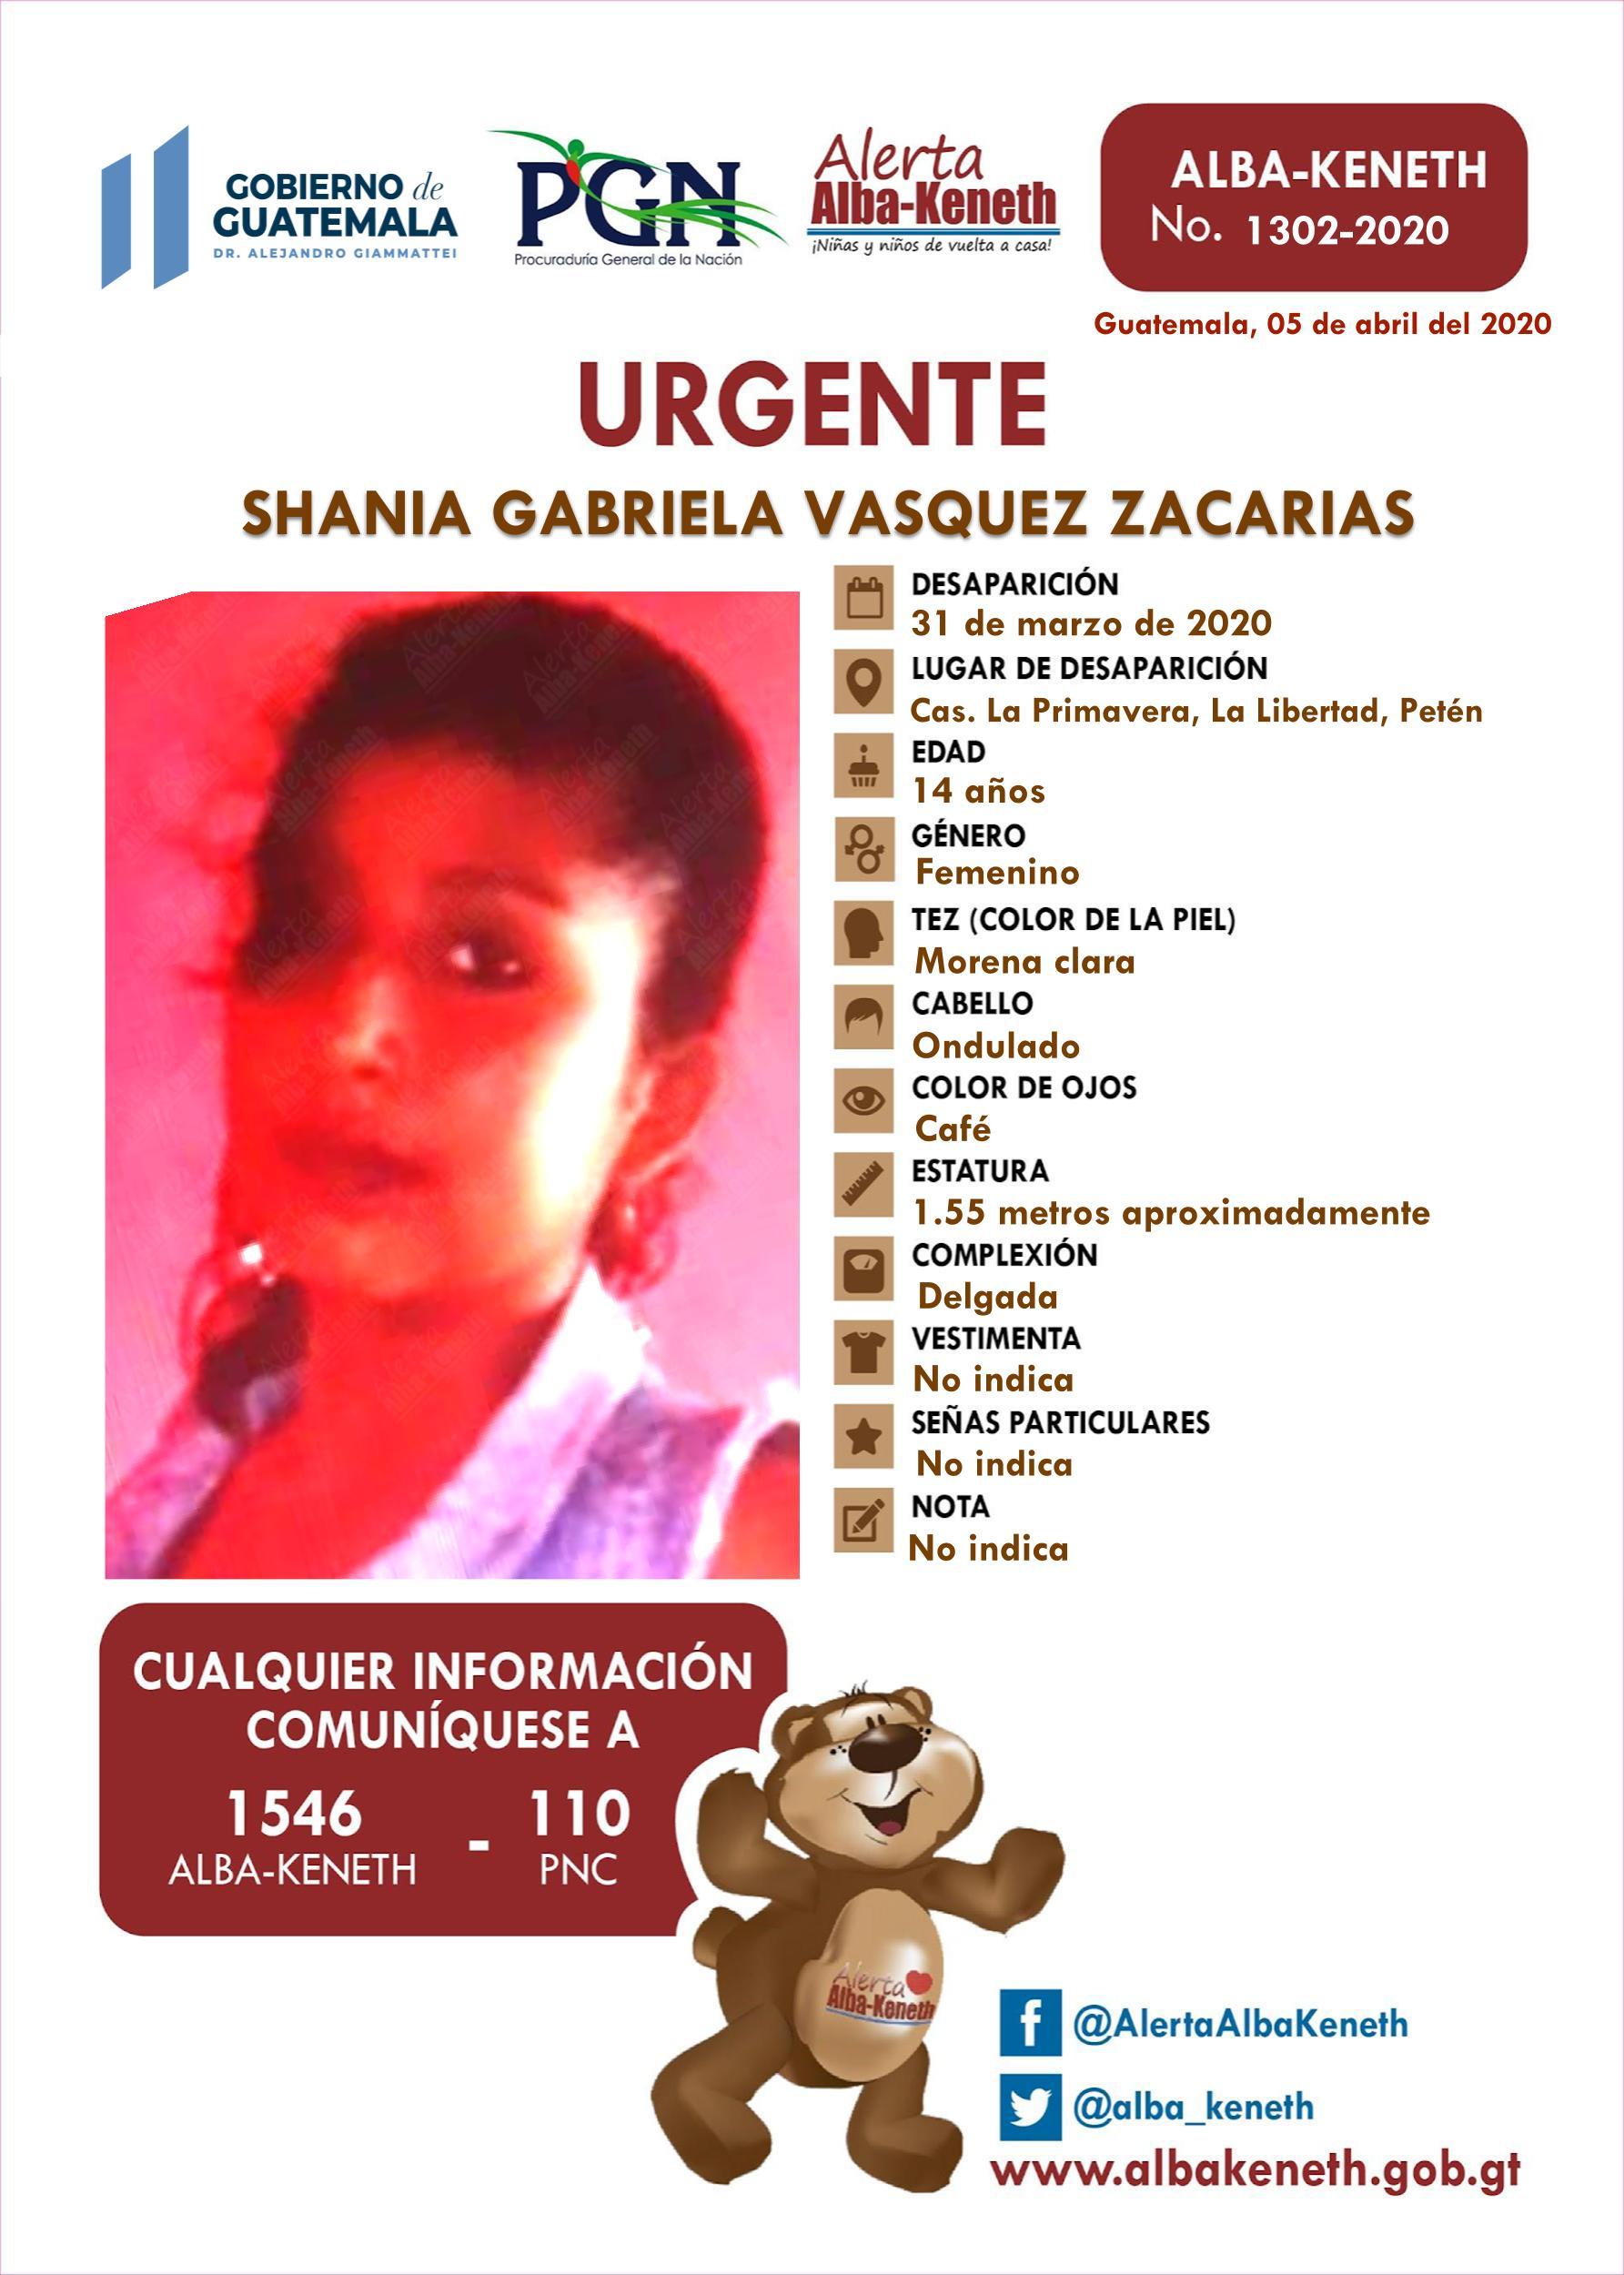 Shania Gabriela Vasquez Zacaria